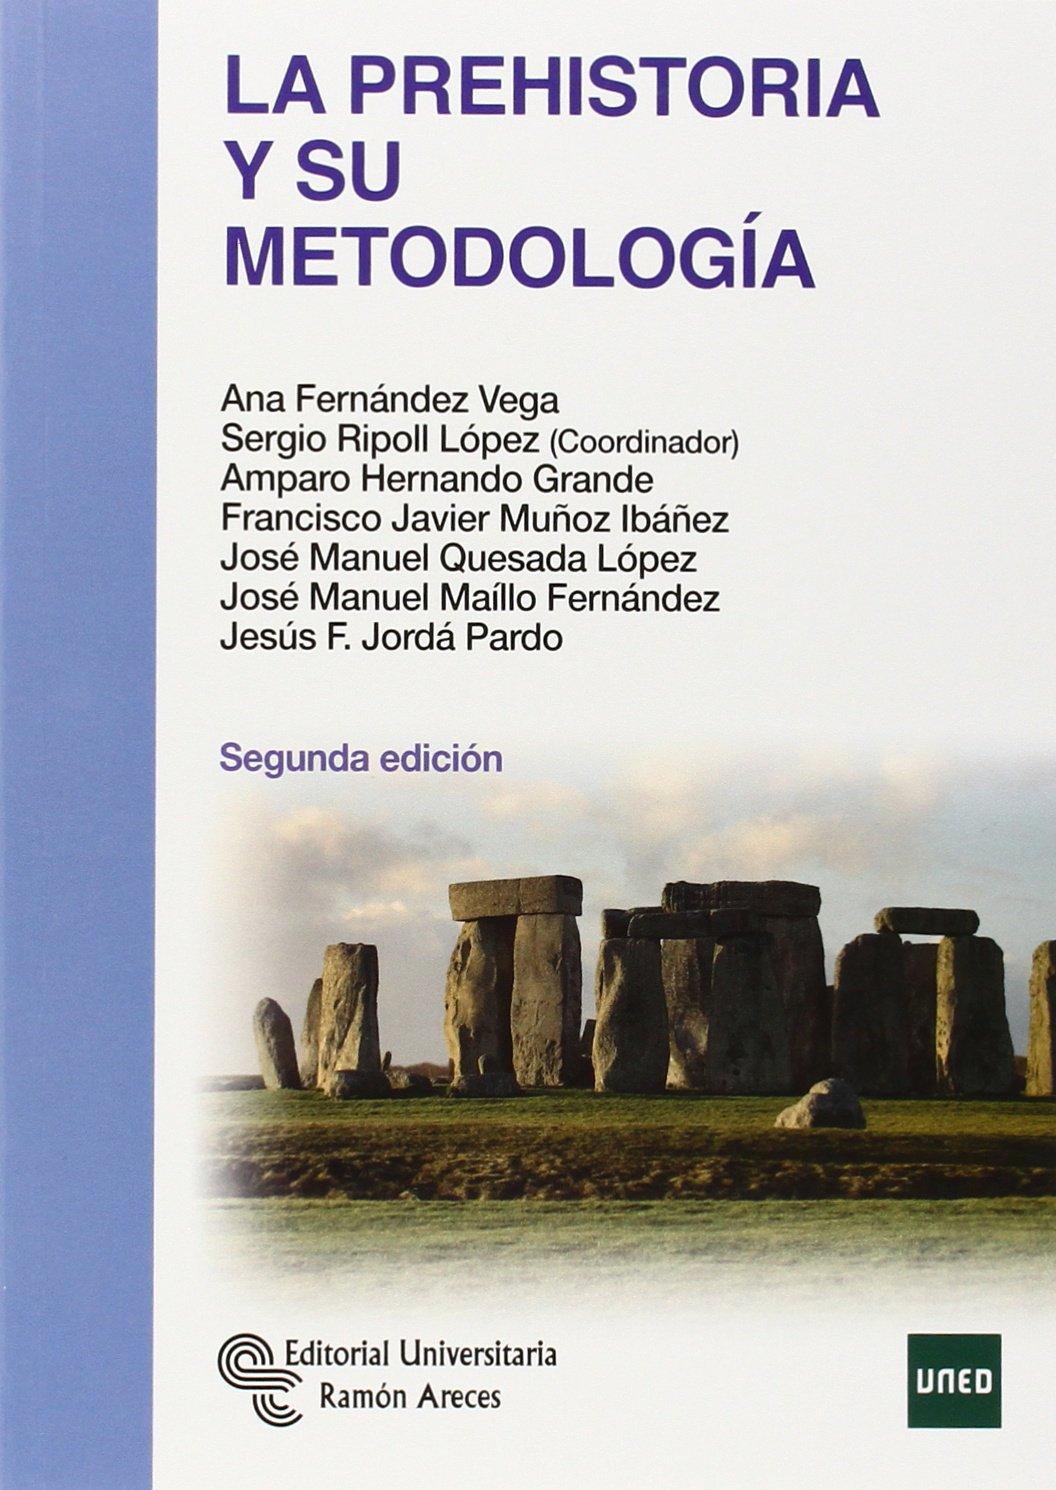 La Prehistoria y su metodología (Manuales) Tapa blanda – 28 jul 2014 Ana Fernández Vega Sergio Ripoll López Amparo Hernando Grande José Manuel Quesada López